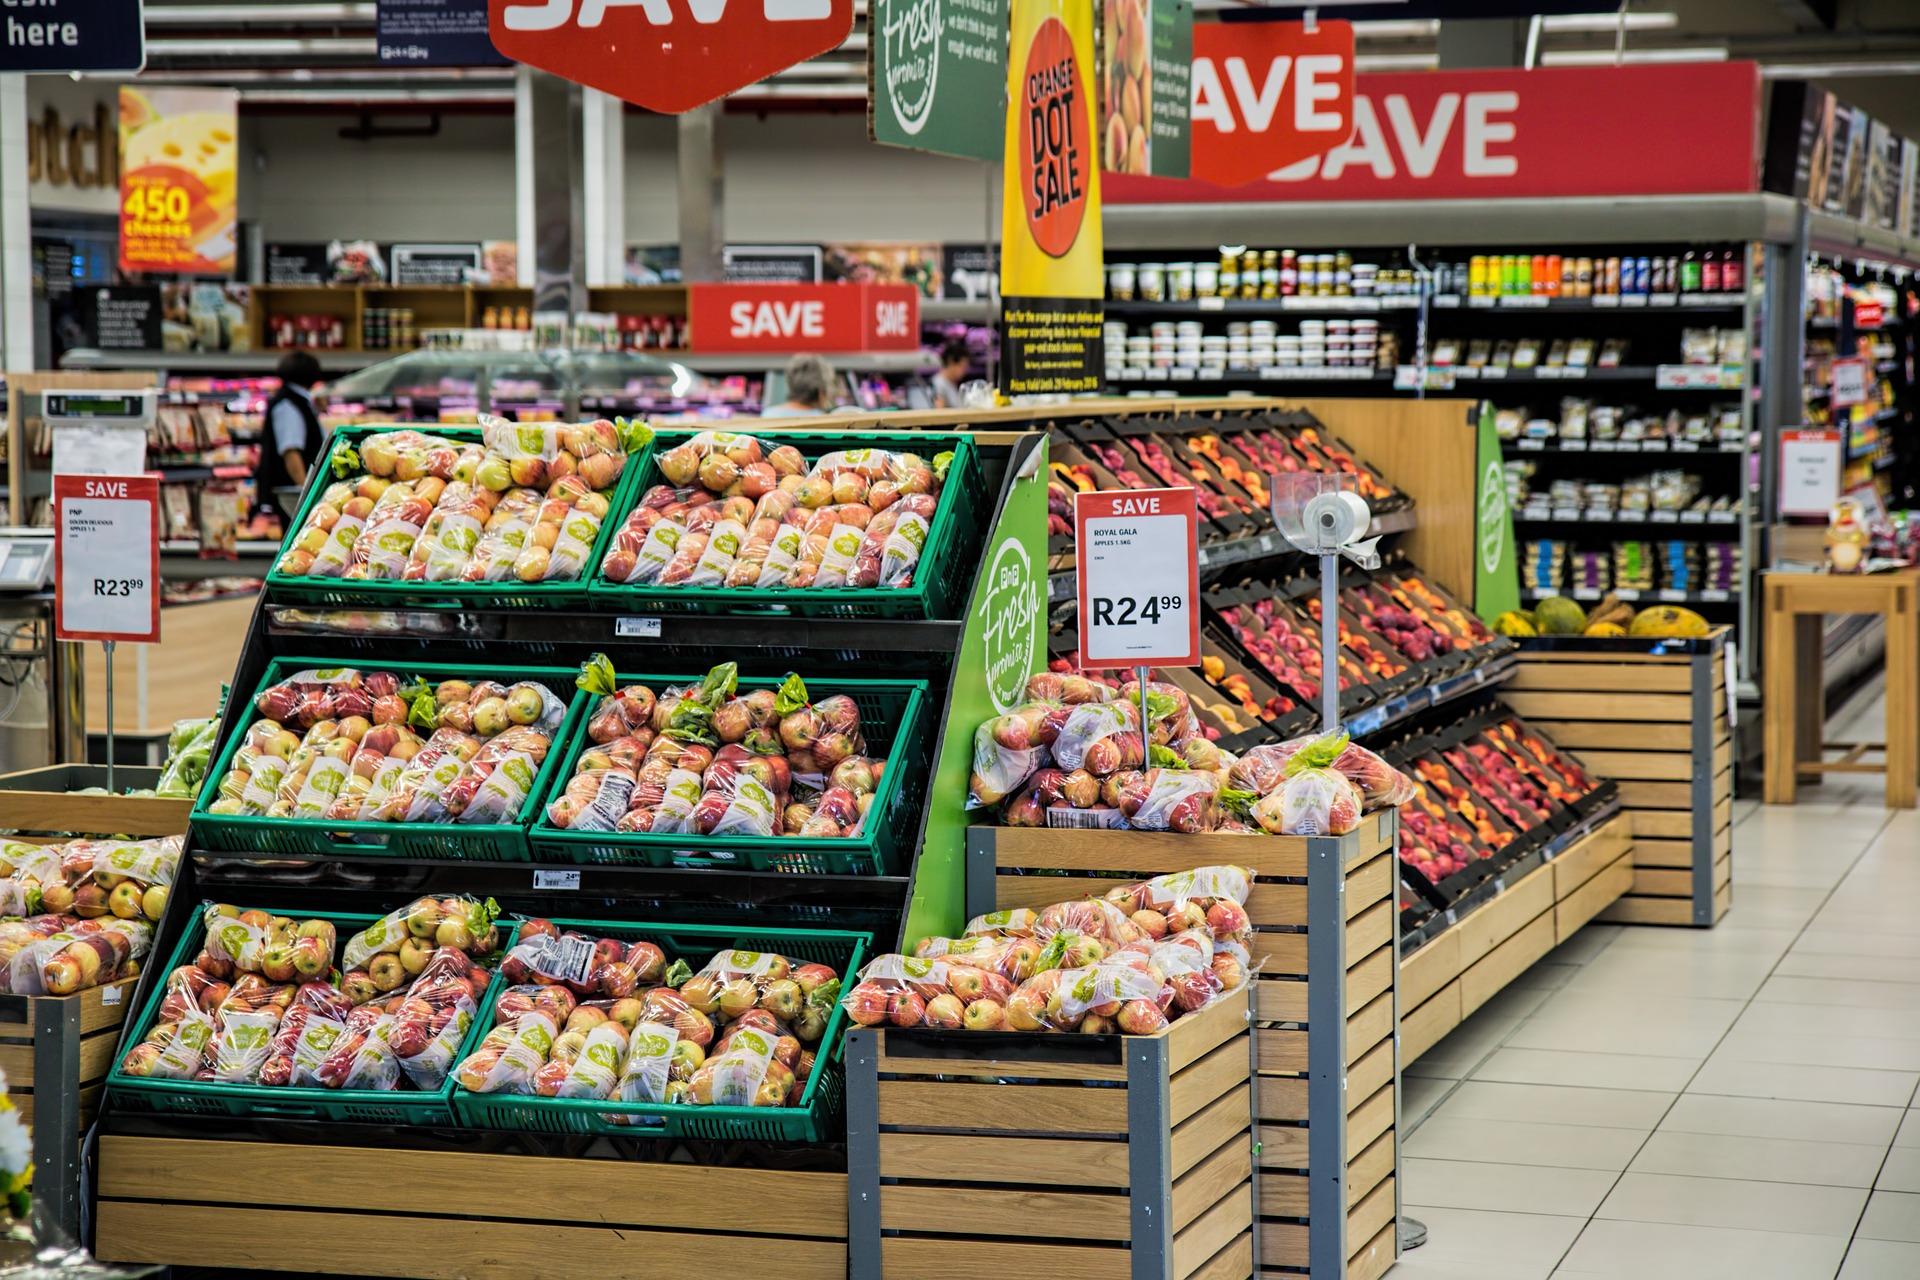 Shoppen im Paradies, Supermarkt und Kunden Abzocke